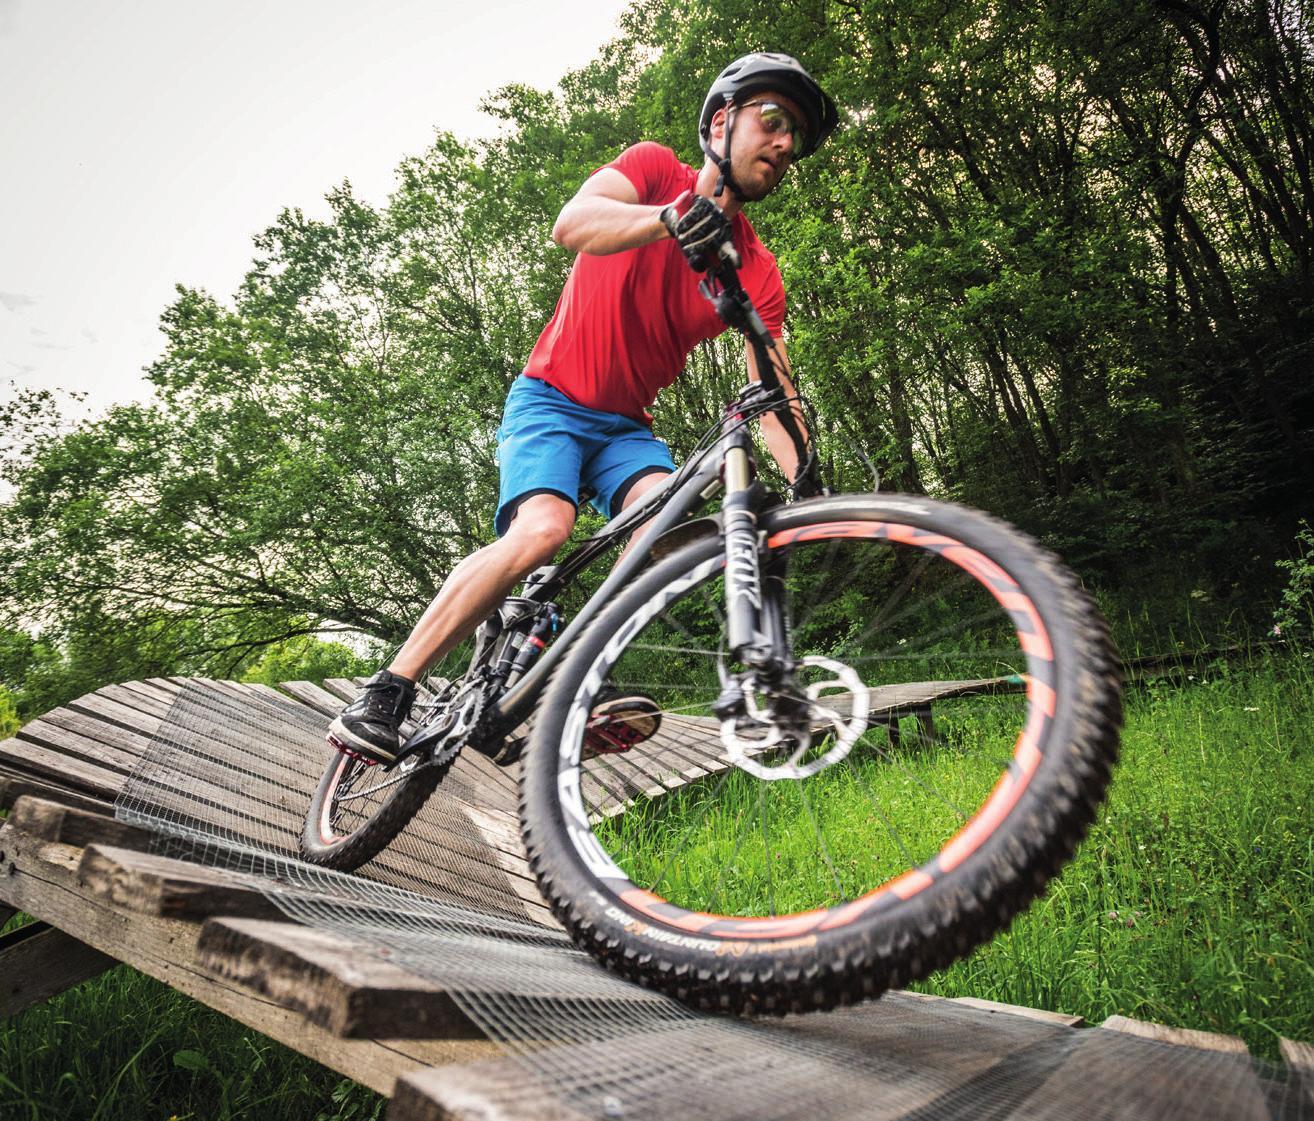 Mountainbike-Action in der Eifel.